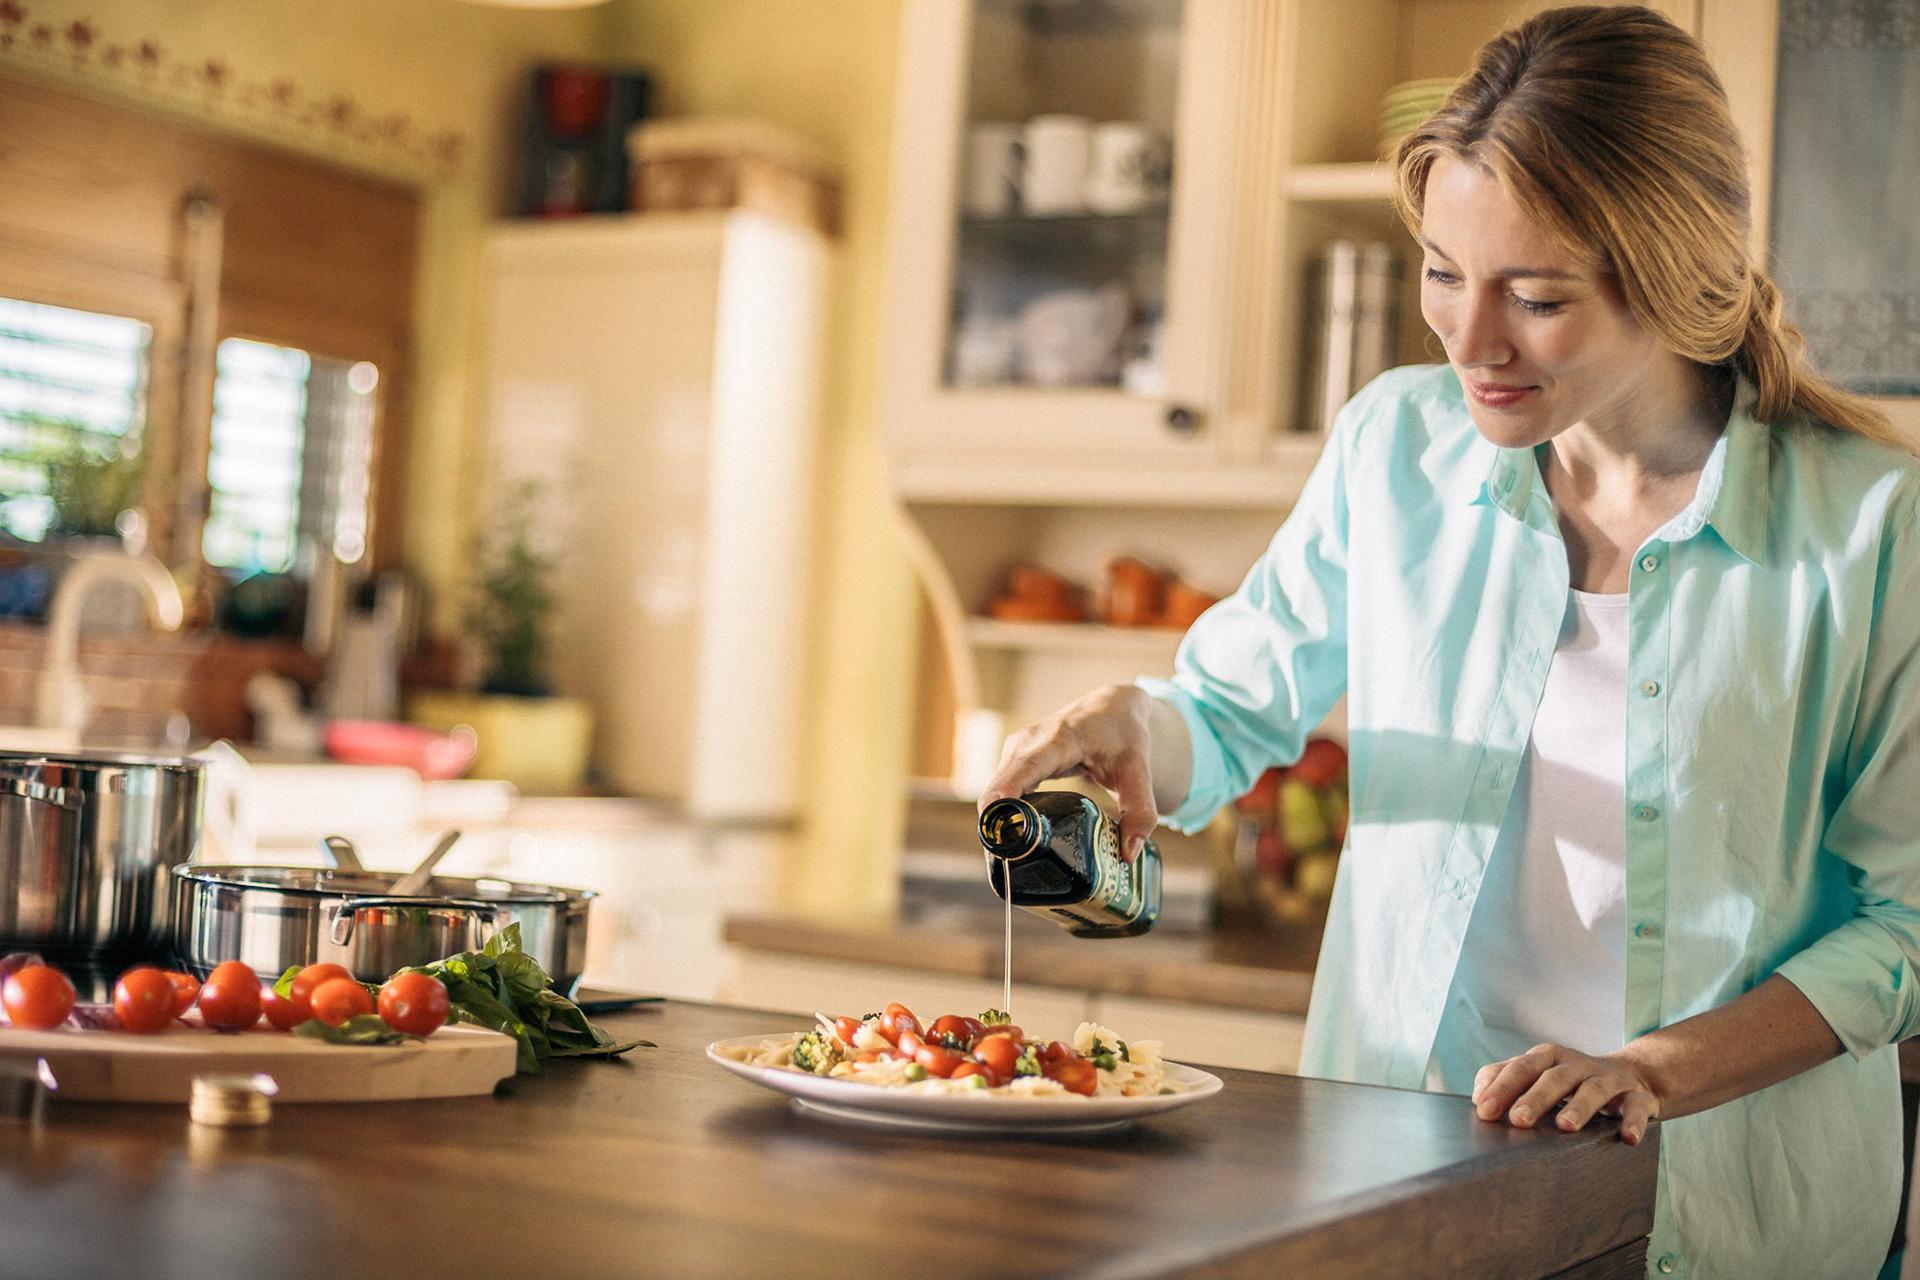 По пути оливки: от оливковой рощи до стола